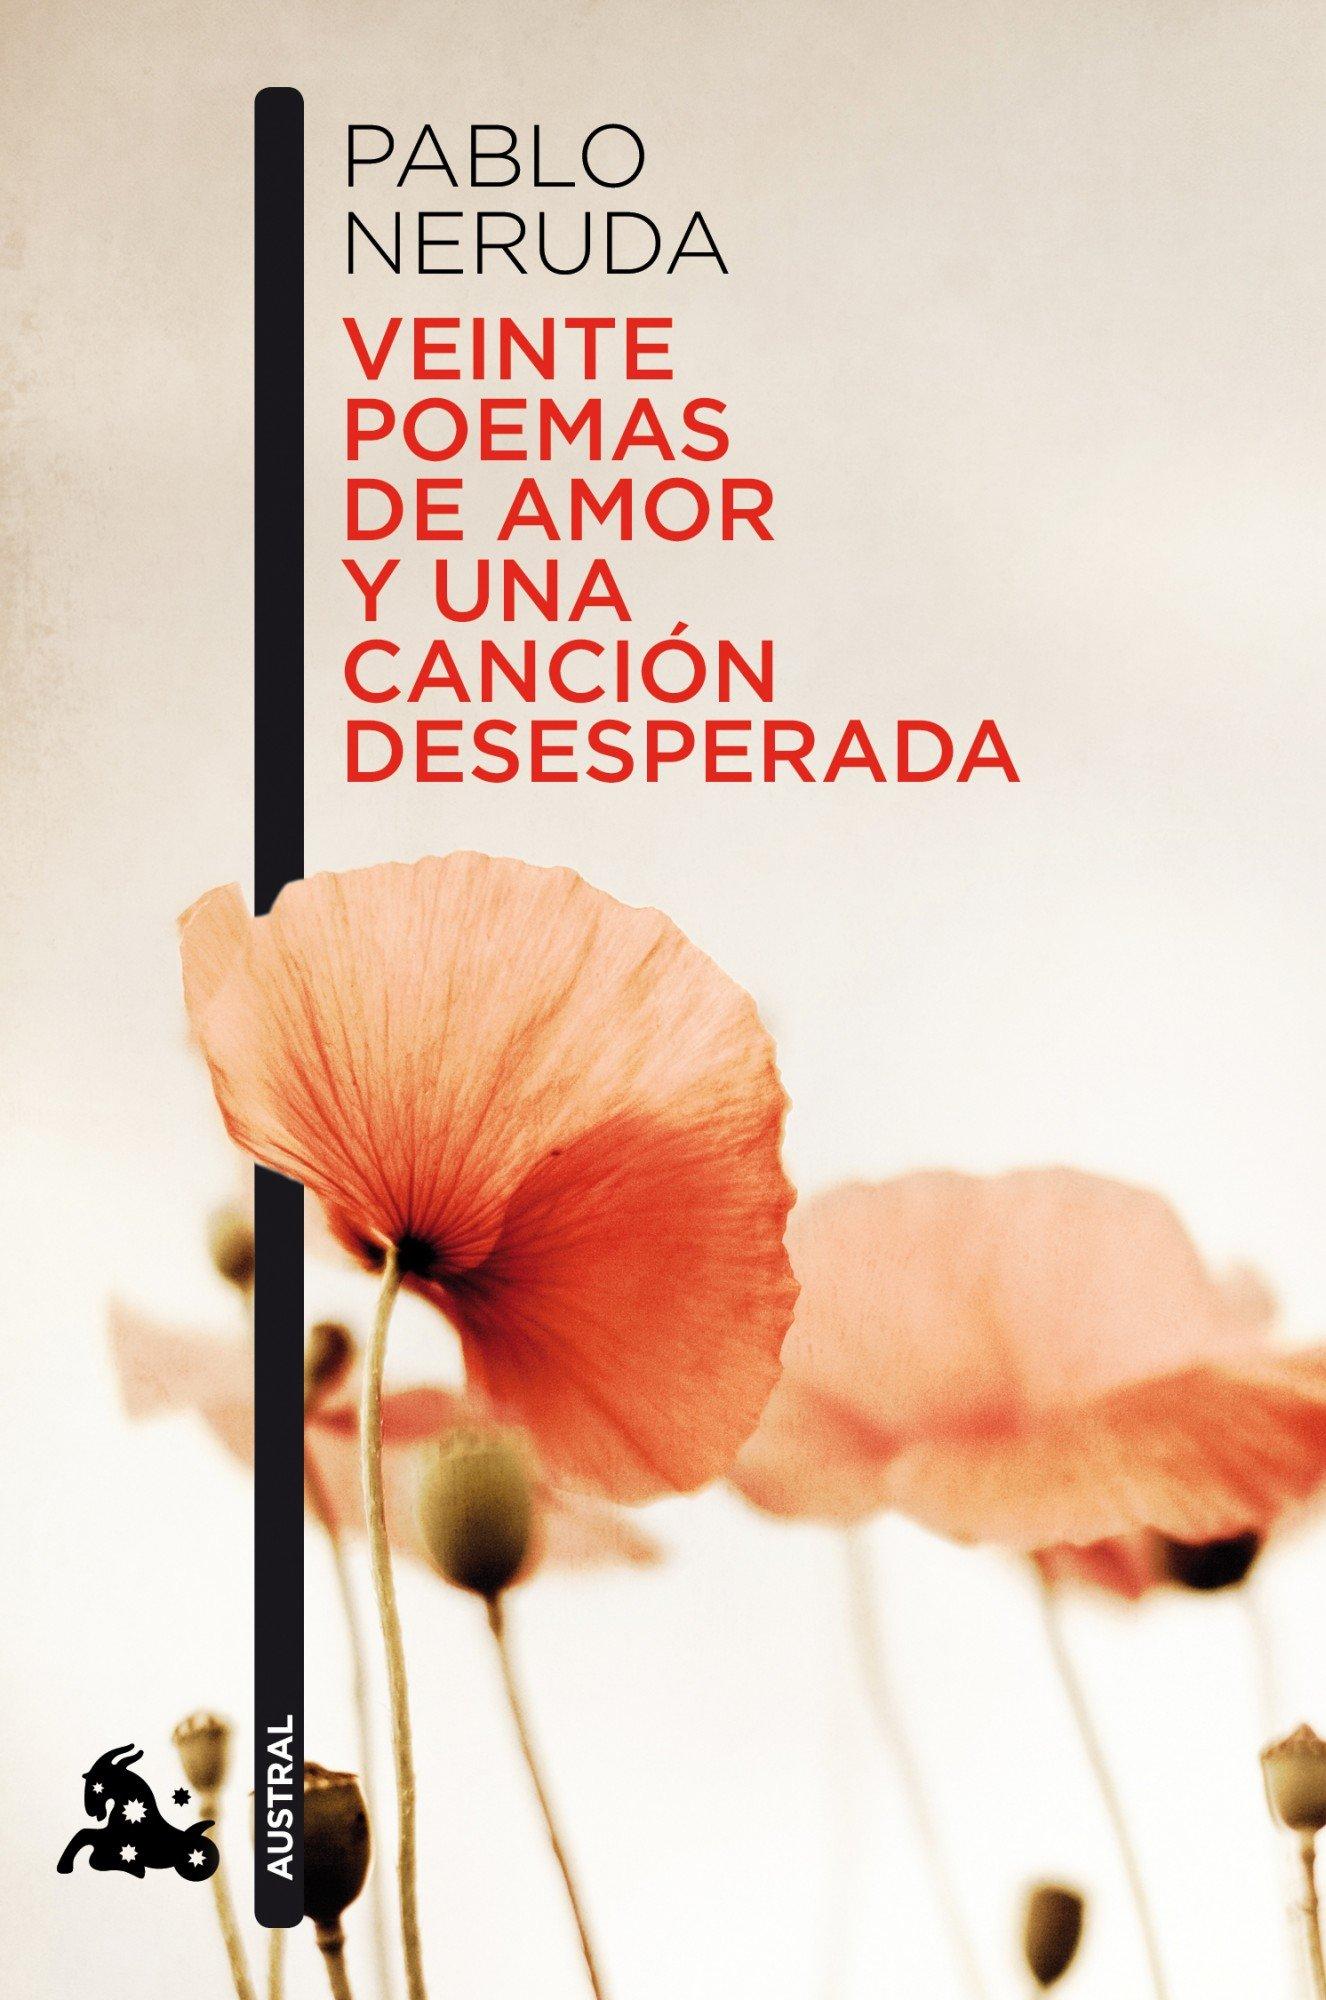 Veinte poemas de amor y una canción desesperada Poesía: Amazon.es: Pablo Neruda: Libros